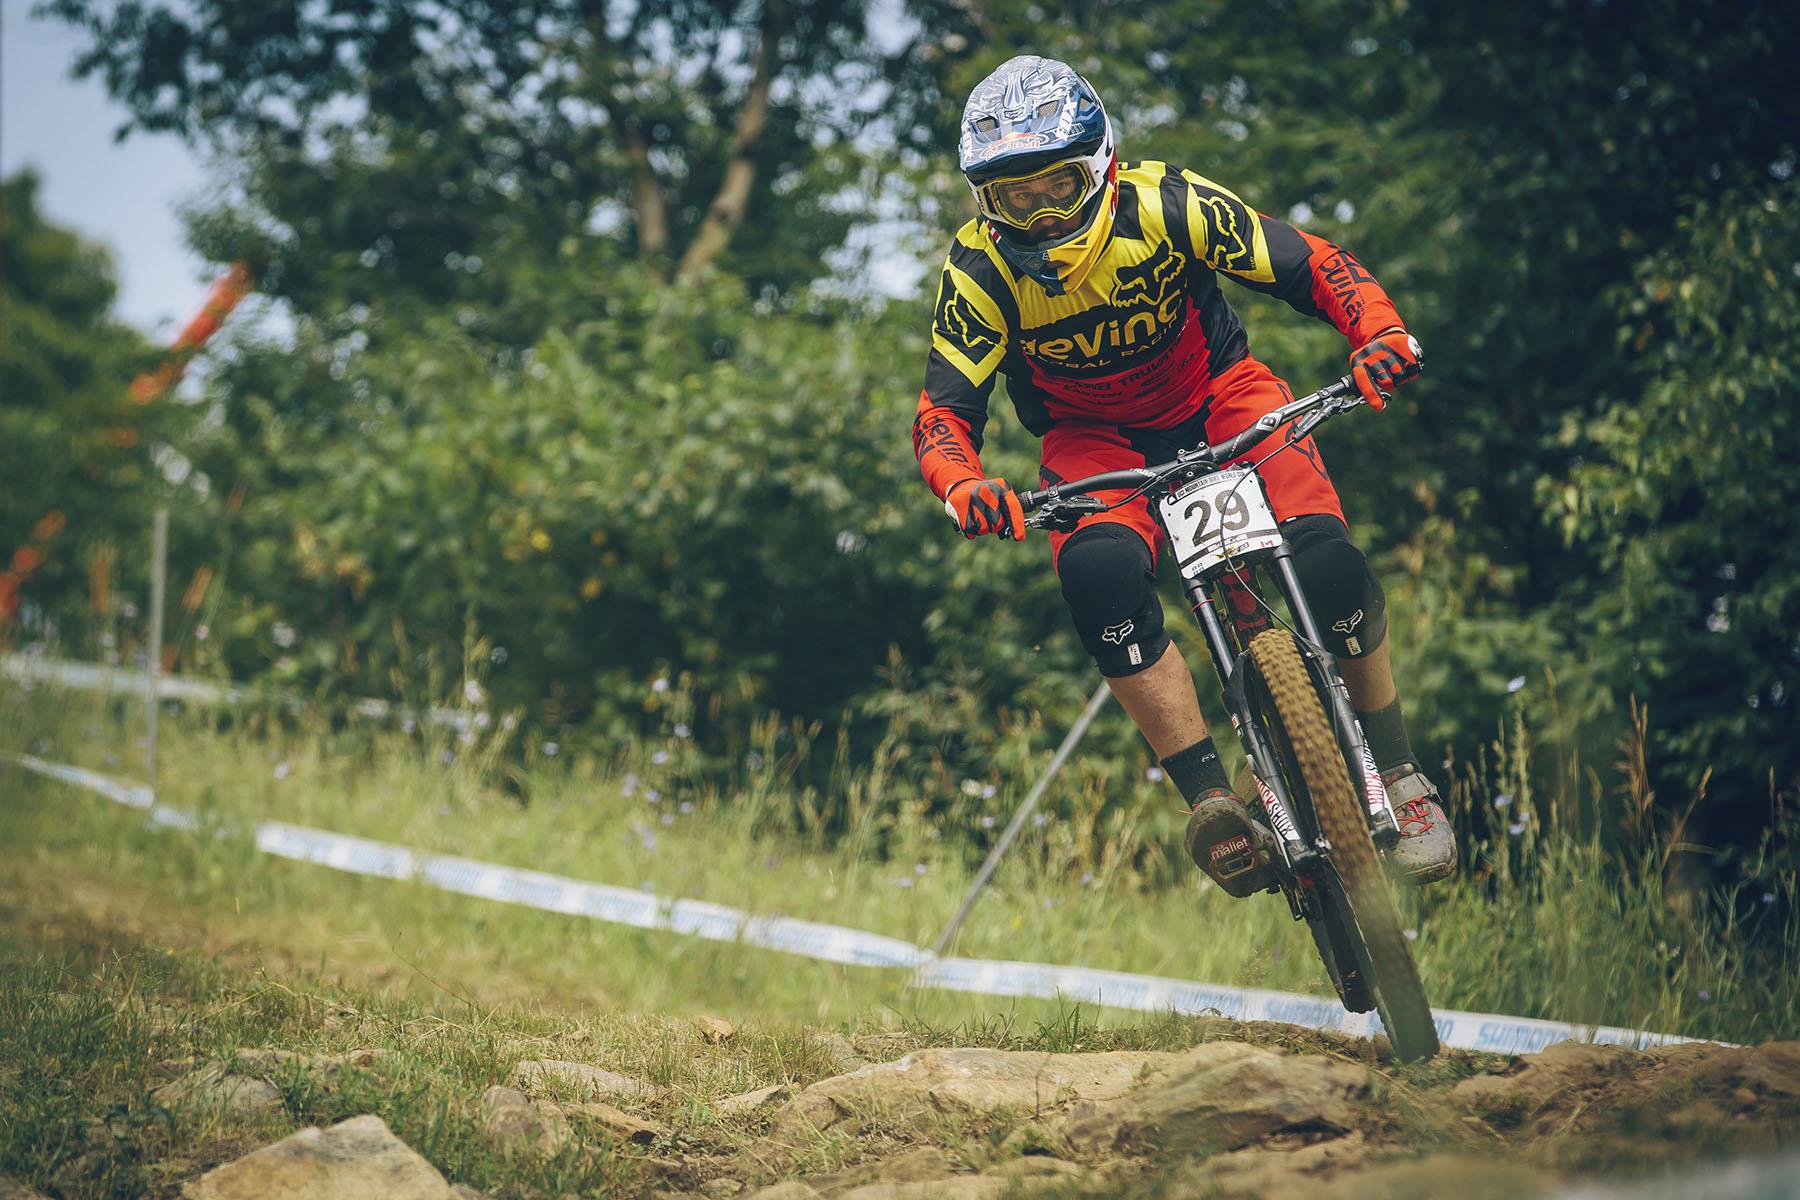 Steve Smith gewann letztes Jahr das Rennen in Mont Sainte-Anne. Sicherlich mit ein wenig Heimvorteil, allerdings sieht es in dieser Saison nicht gut für ihn aus. Es scheint, als hätte er sich im Training den Knöchel verletzt, so dass seine Teilnahme am Rennen fraglich ist.